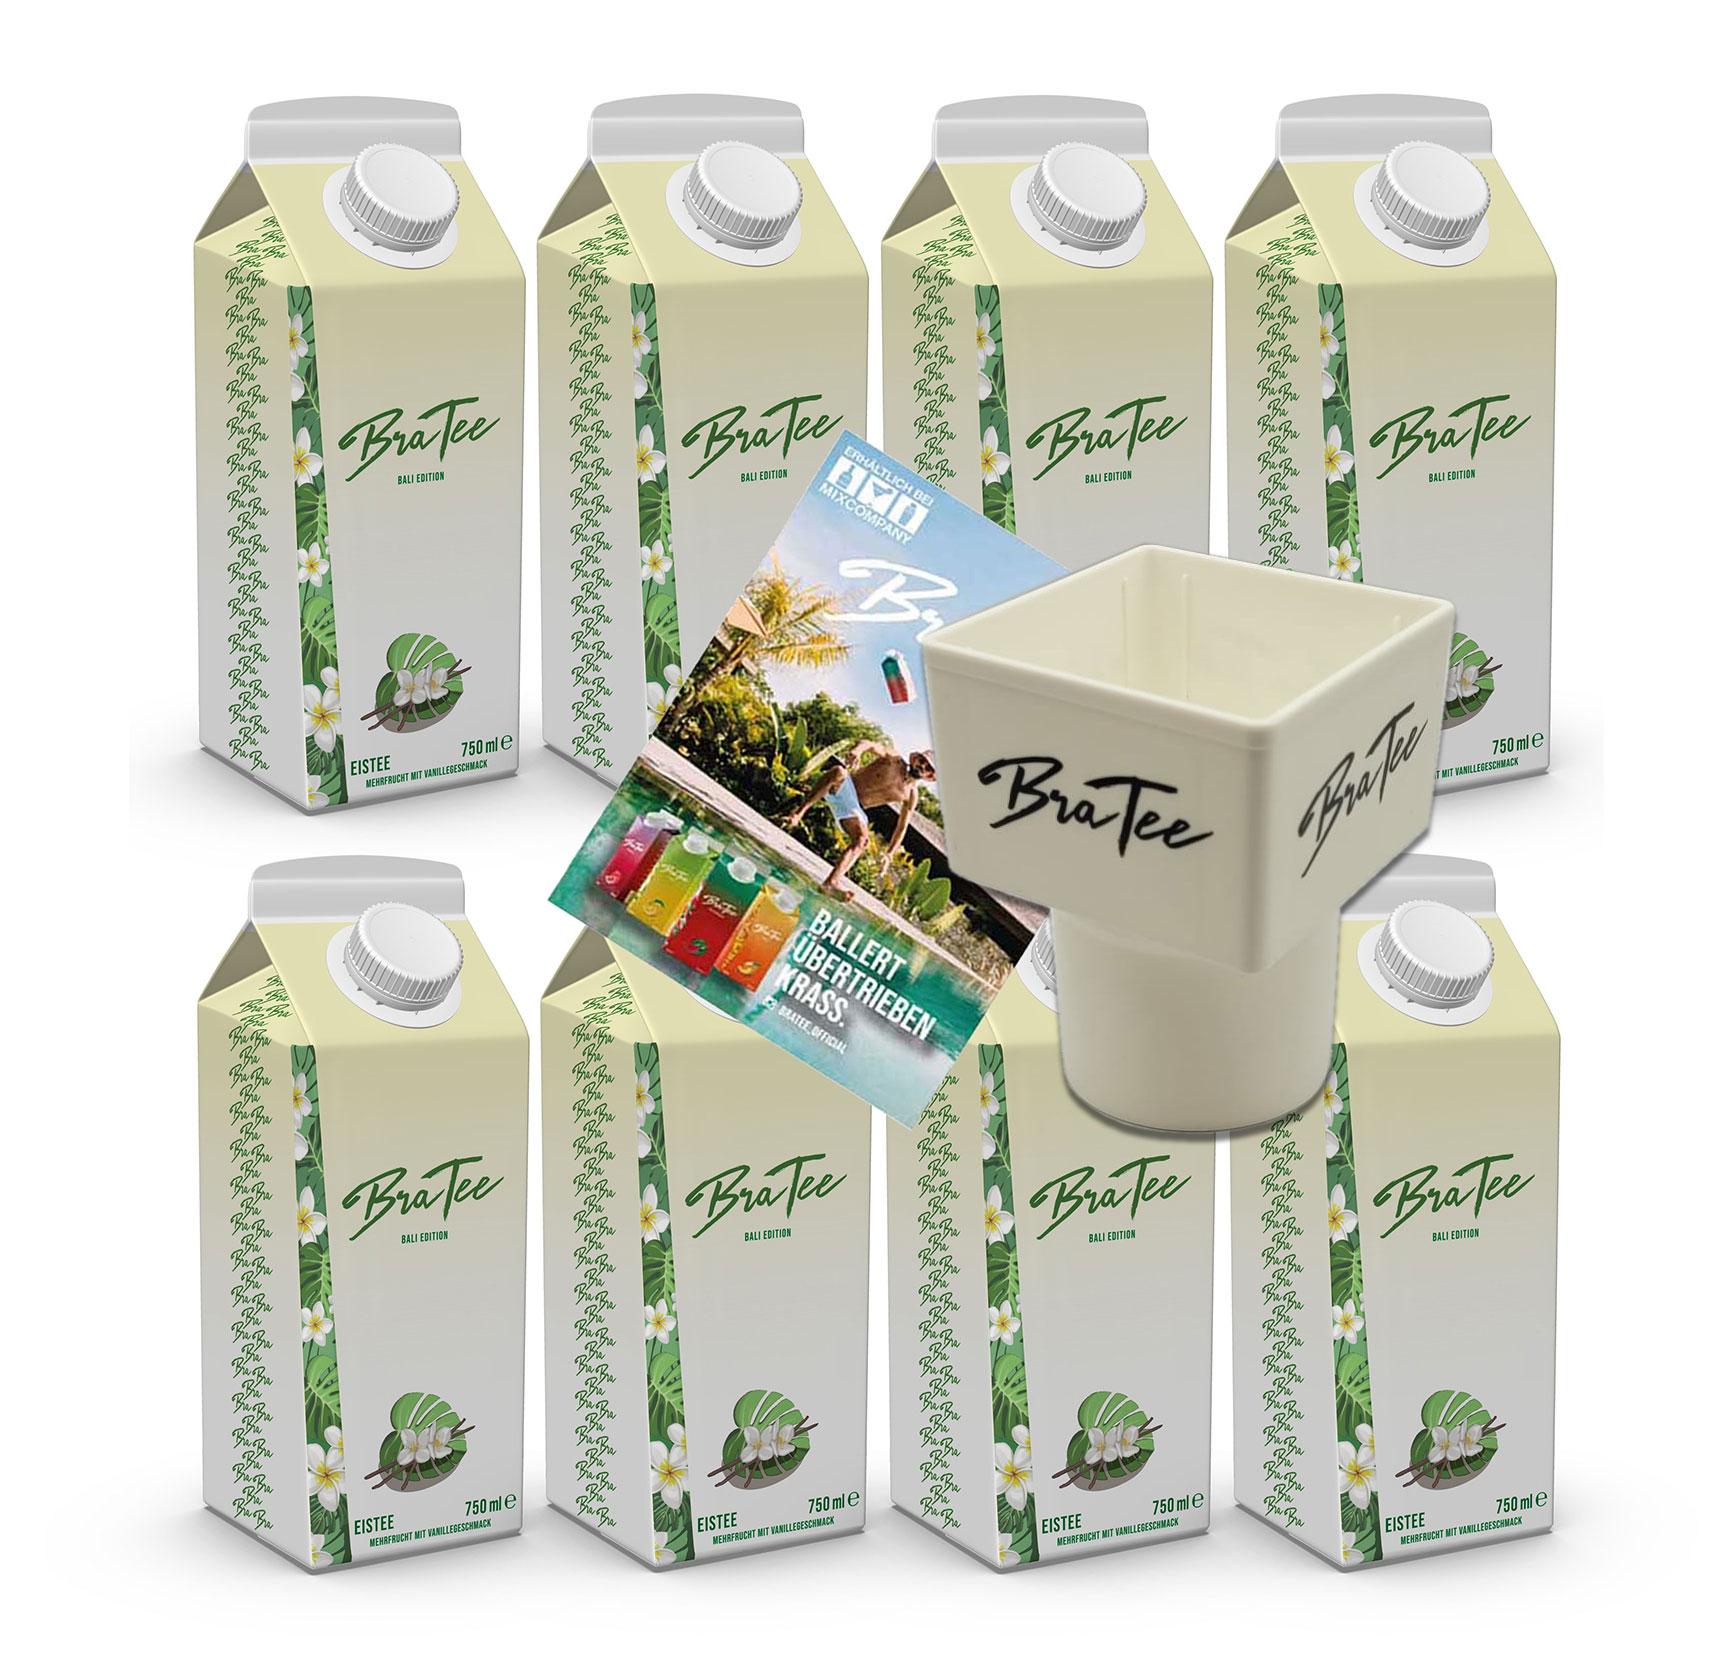 Capital BraTee Bali Edition 8er Set Special Eistee je 750ml + Gratis Getränkehalter +  Autogrammkarte BRATEE Limited Edition Ice tea Mehrfrucht mit Vanillegeschmack mit Capi-Qualitäts-Siegel - Du weisst Bescheid